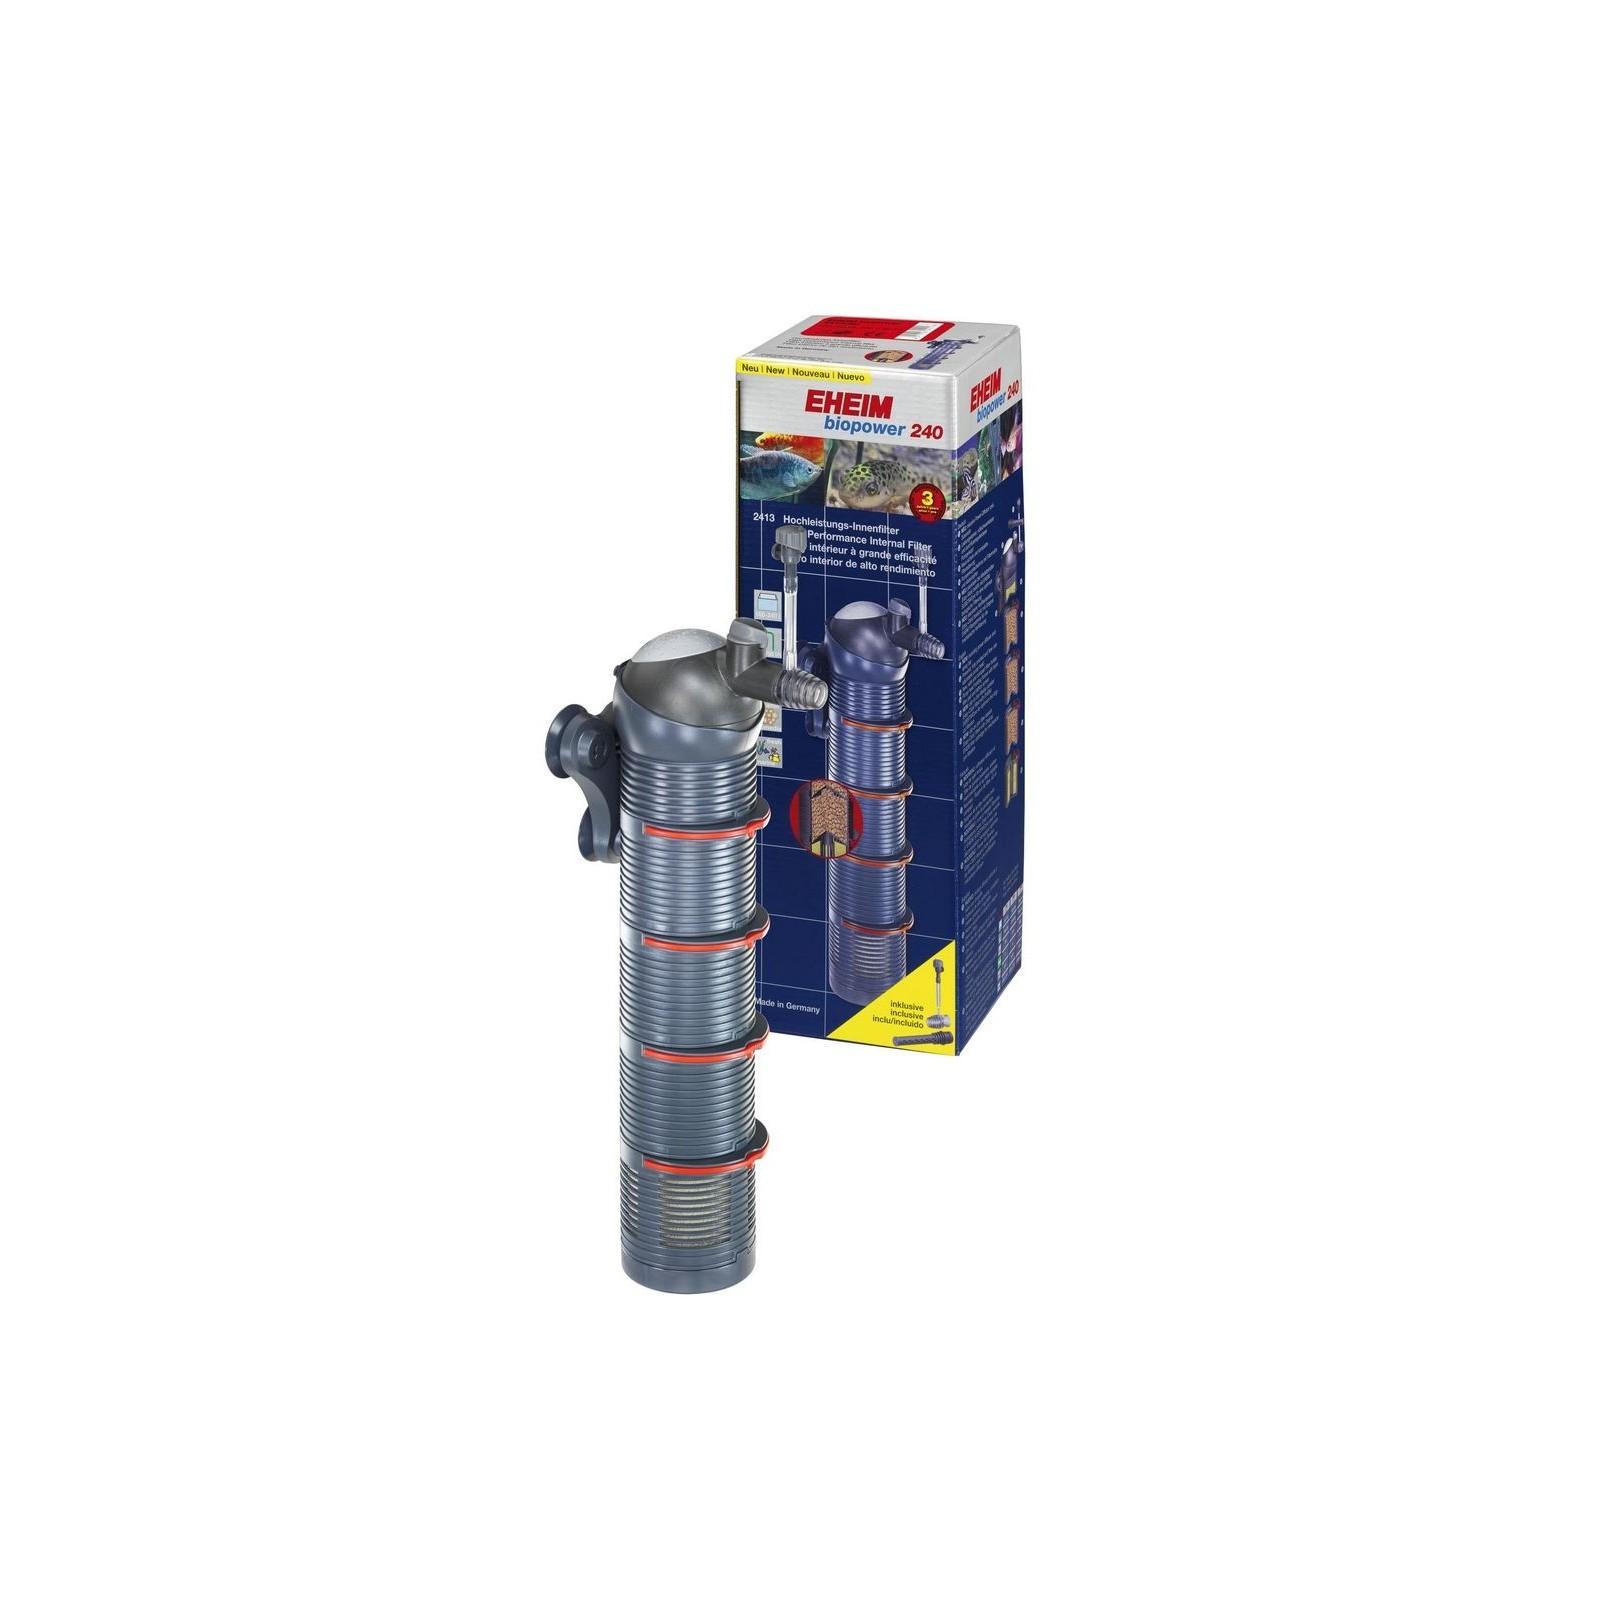 Eheim Biopower 240 Filtro Interno Modulare Completo di Pompa Regolabile, Sistema Venturi Spray Bar e Materiale Filtrante Substra